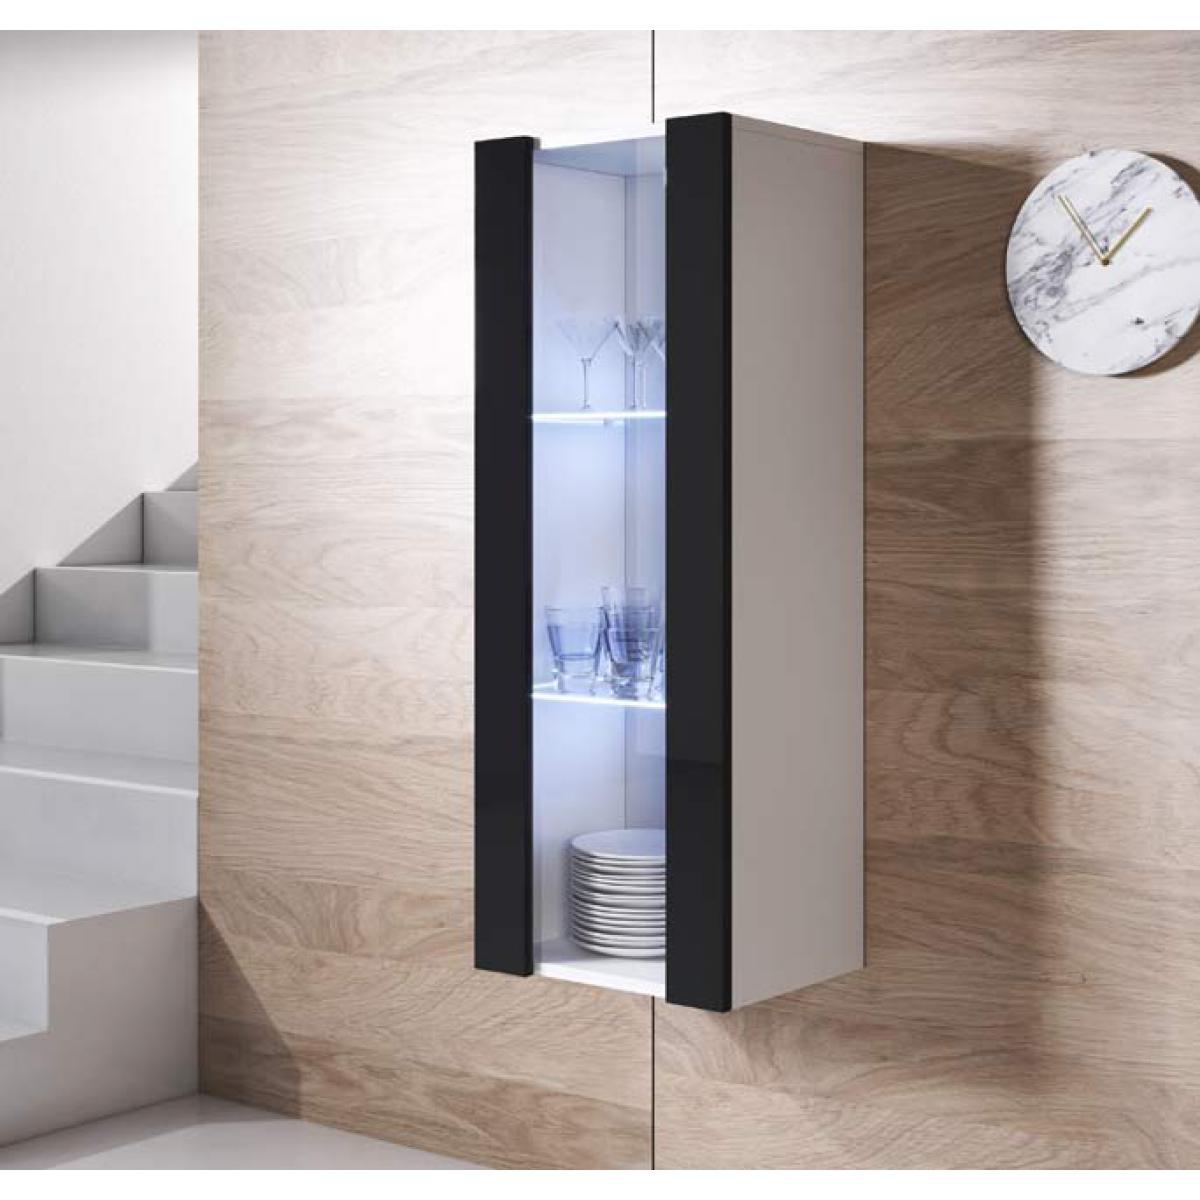 Design Ameublement Armoire mural modèle Luke V2 (40x126cm) couleur blanc et noir